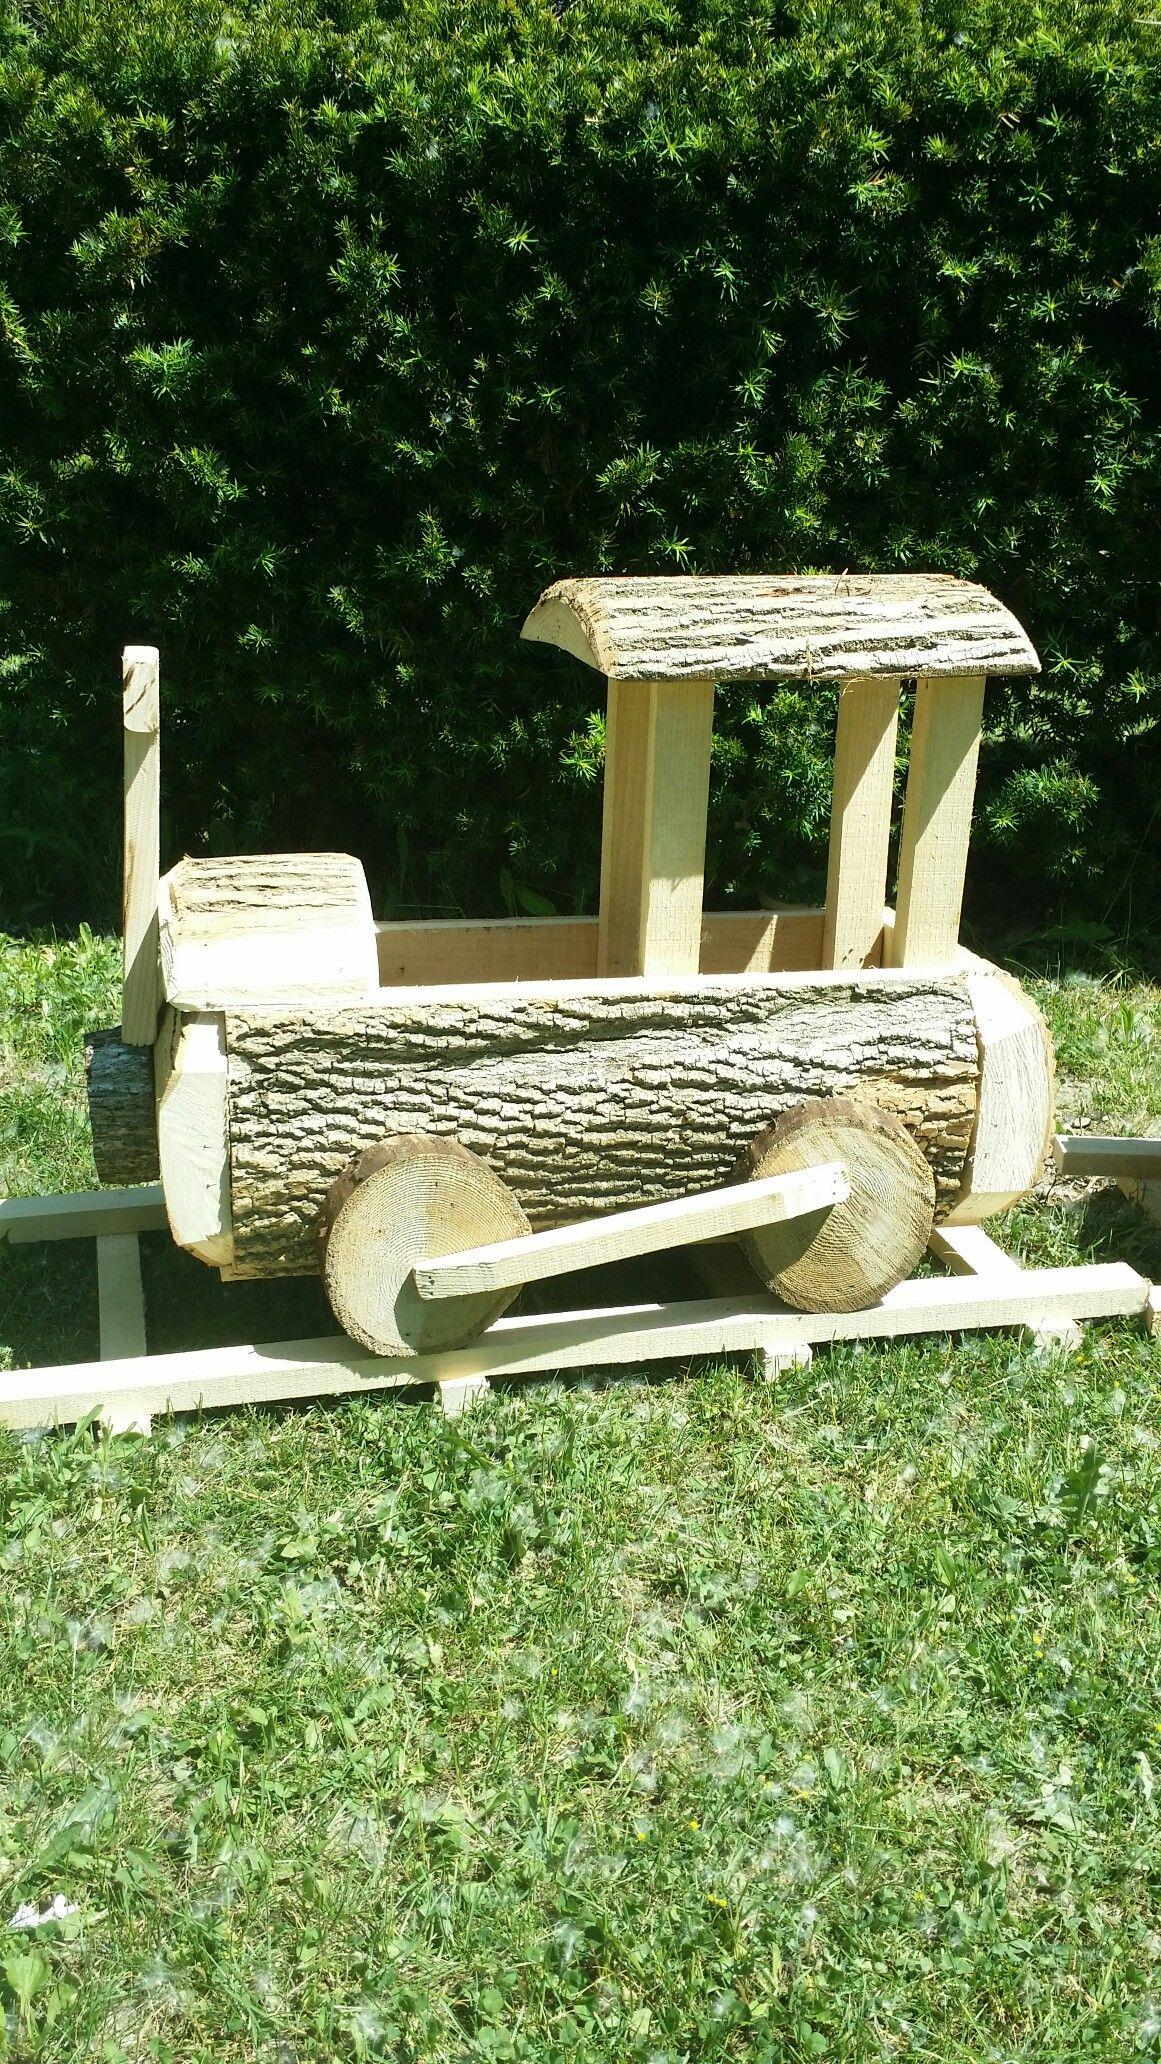 Train Planter Box From Ash Slab Wood 24X12X24 Tall